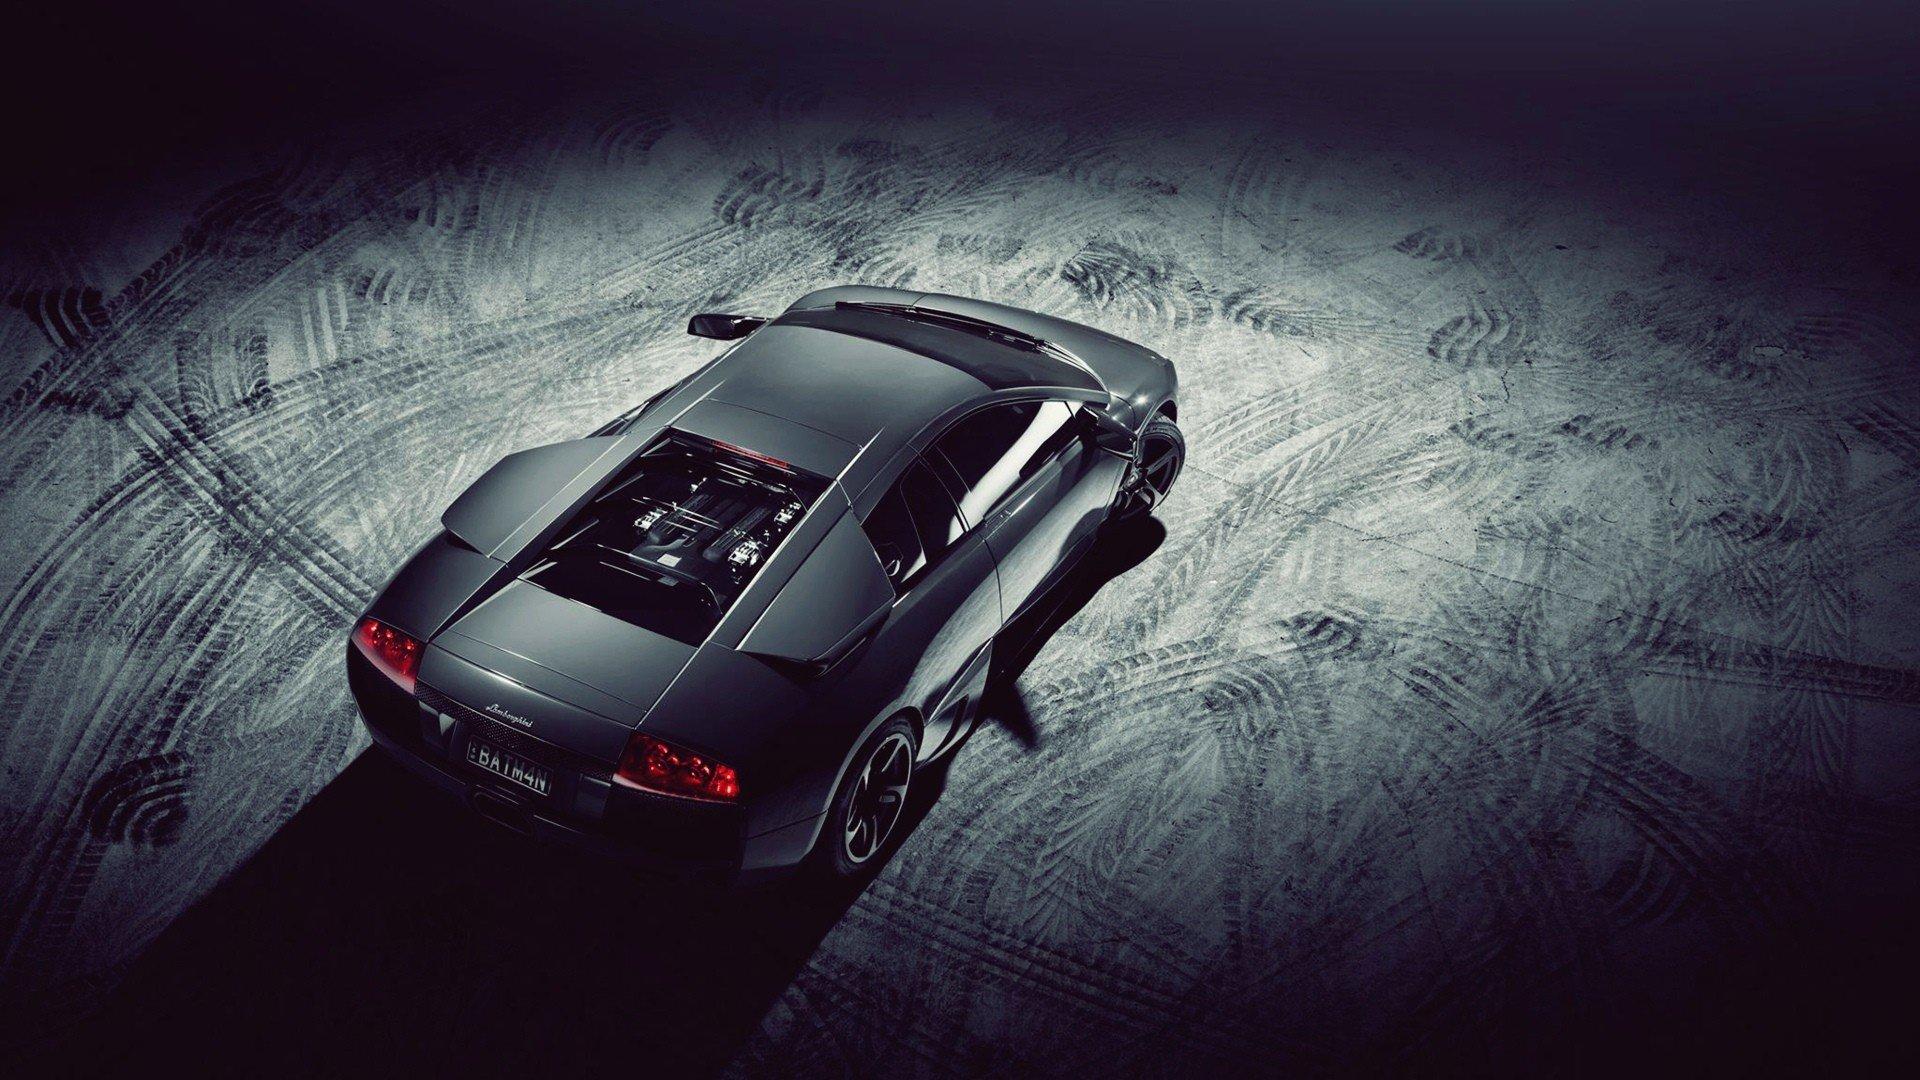 Lamborghini Aventador Hd Wallpapers 1080p Lamborghini Dark Wallpapers Hd Pixelstalk Net